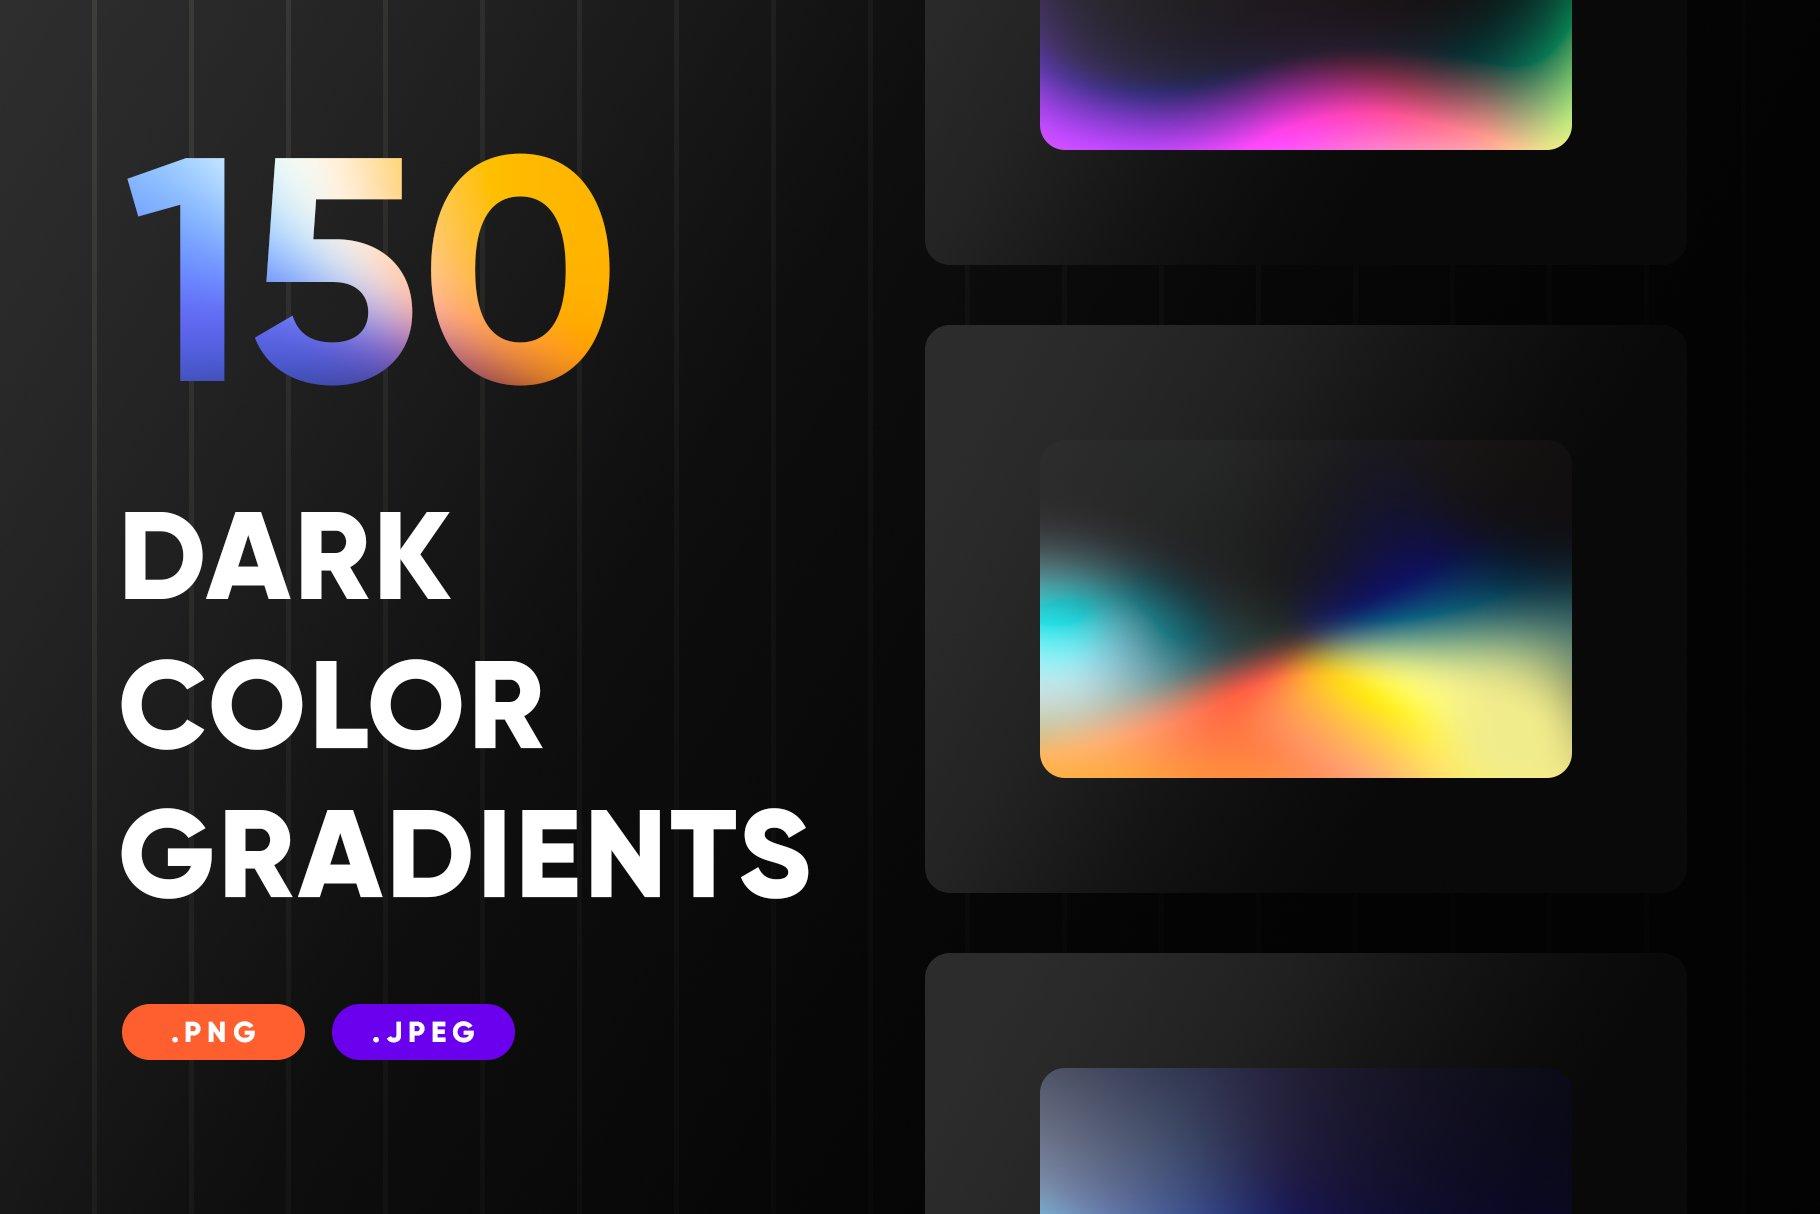 [淘宝购买] 165款虹彩炫彩渐变酸性APP设计手机屏保壁纸背景图片素材 150 Dark Gradients Collection插图